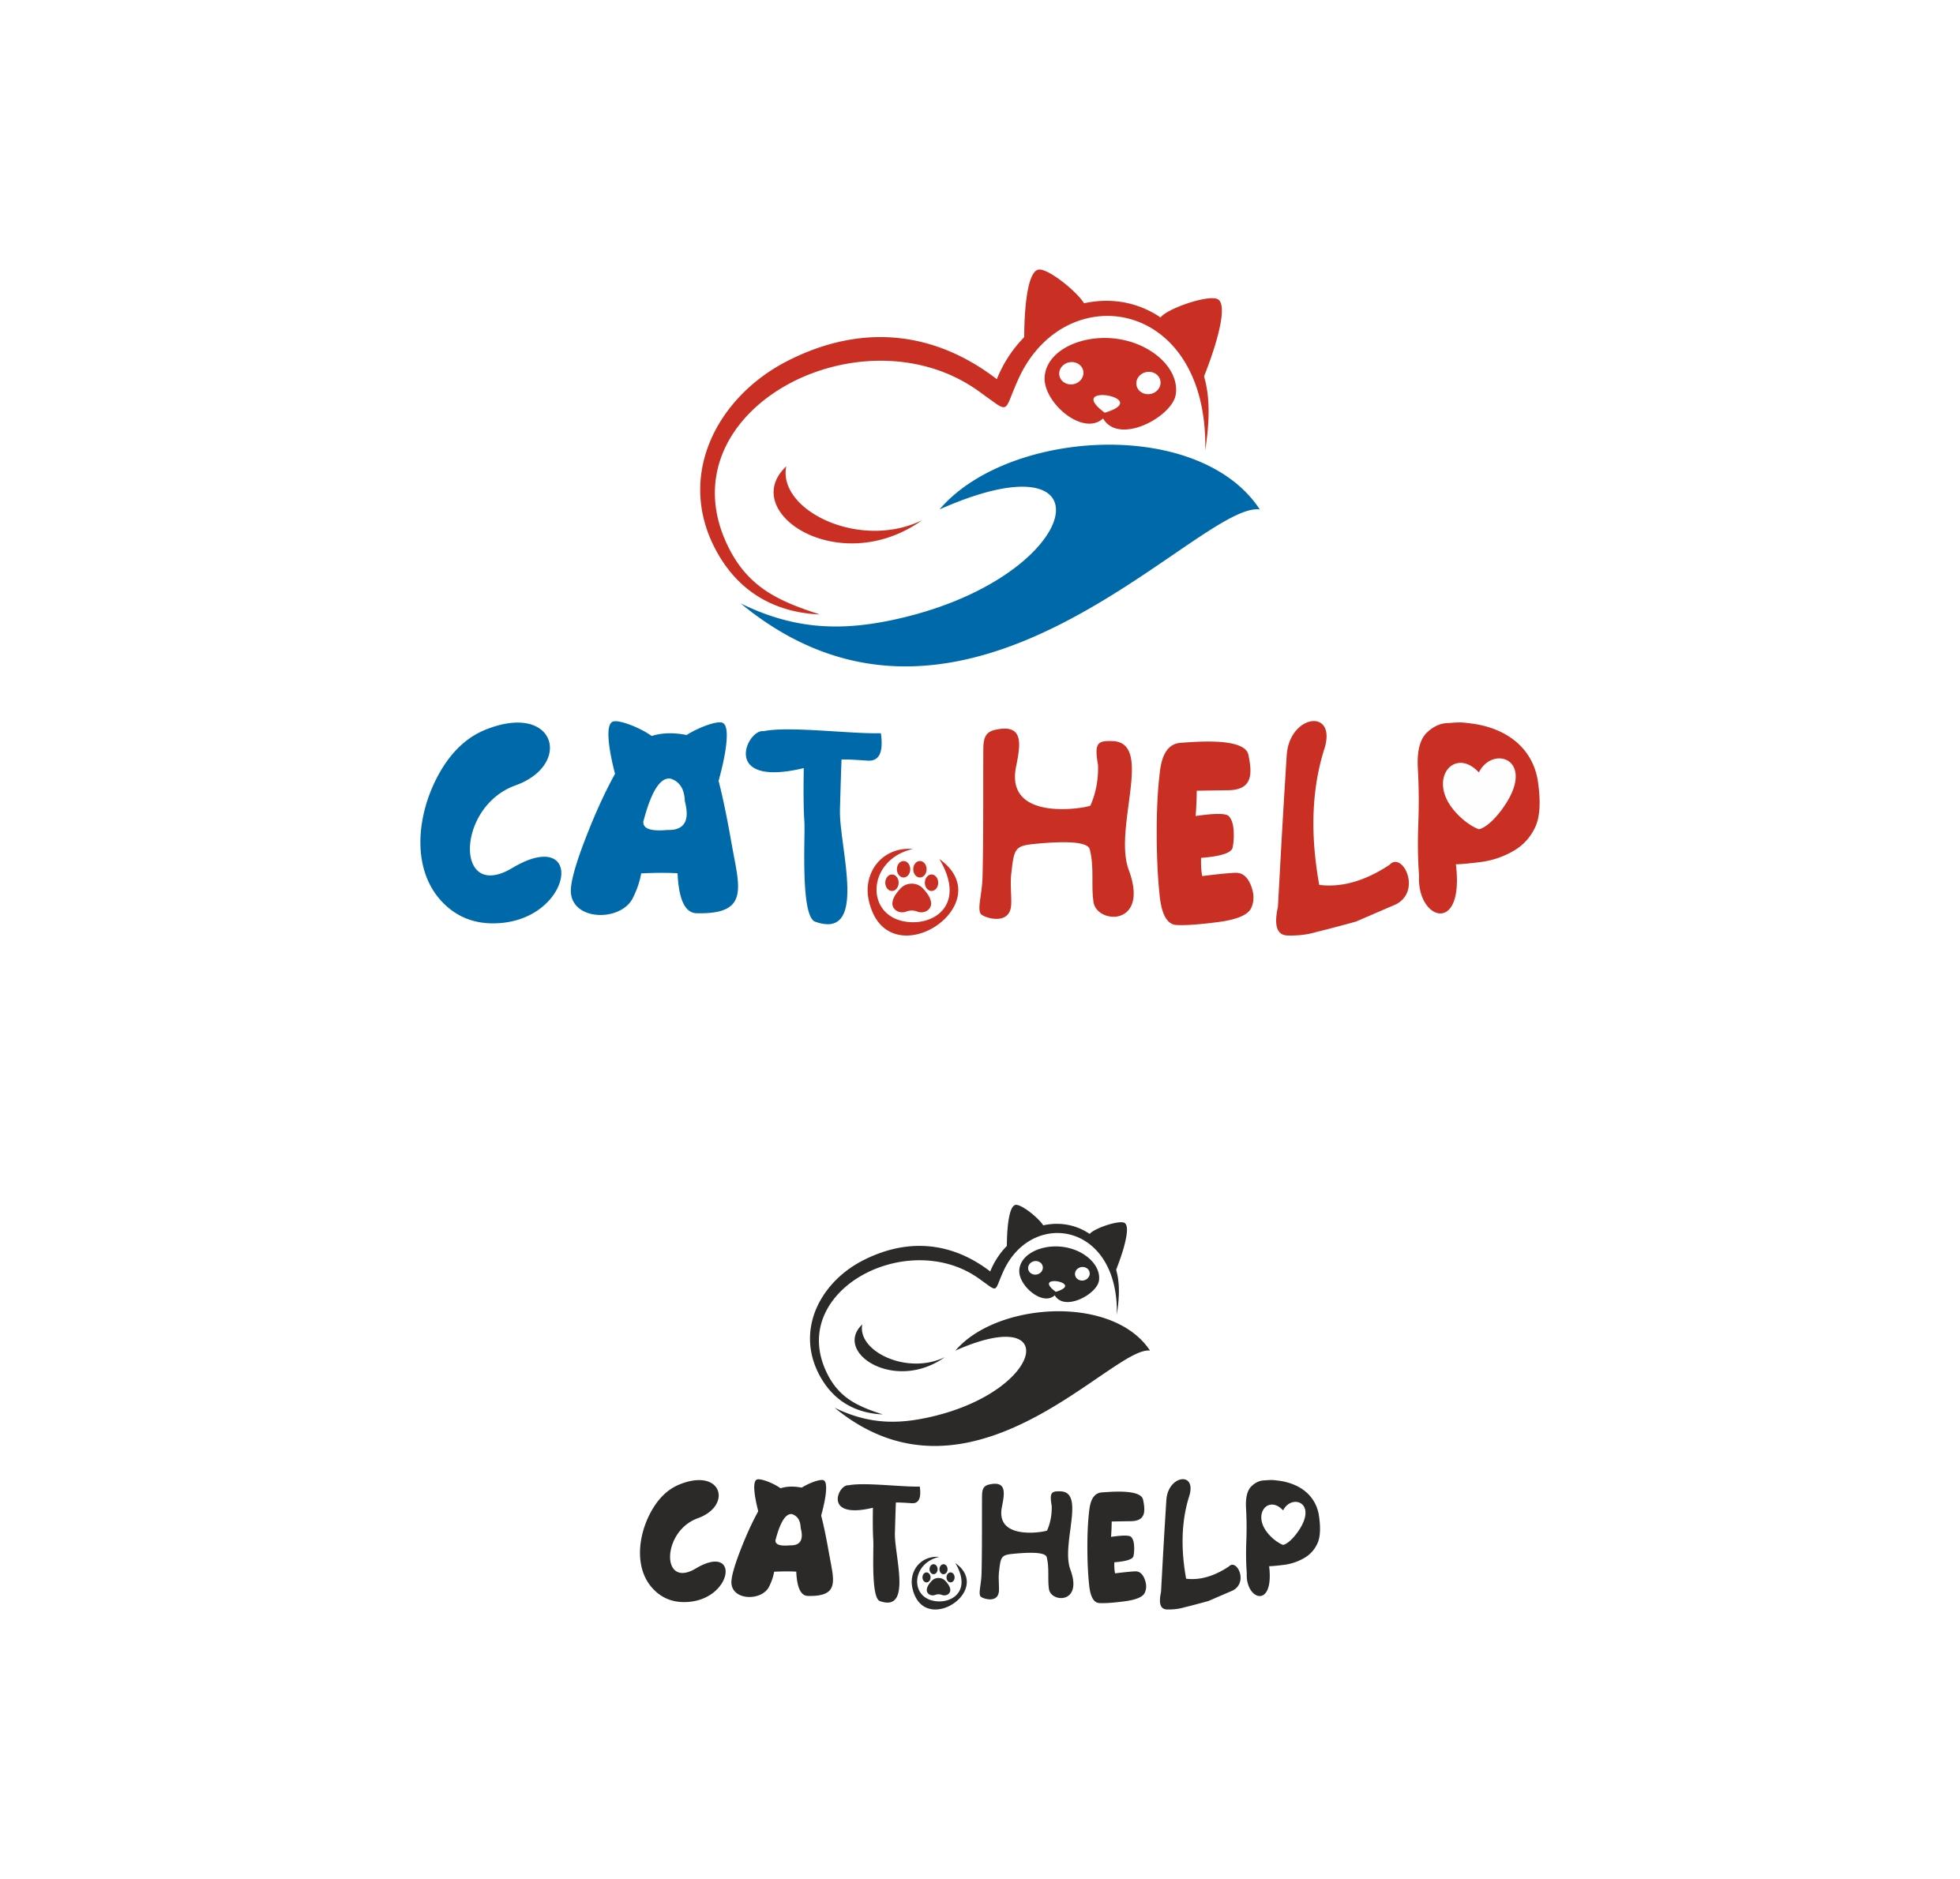 логотип для сайта и группы вк - cat.help фото f_57359d9cfdcb9735.jpg